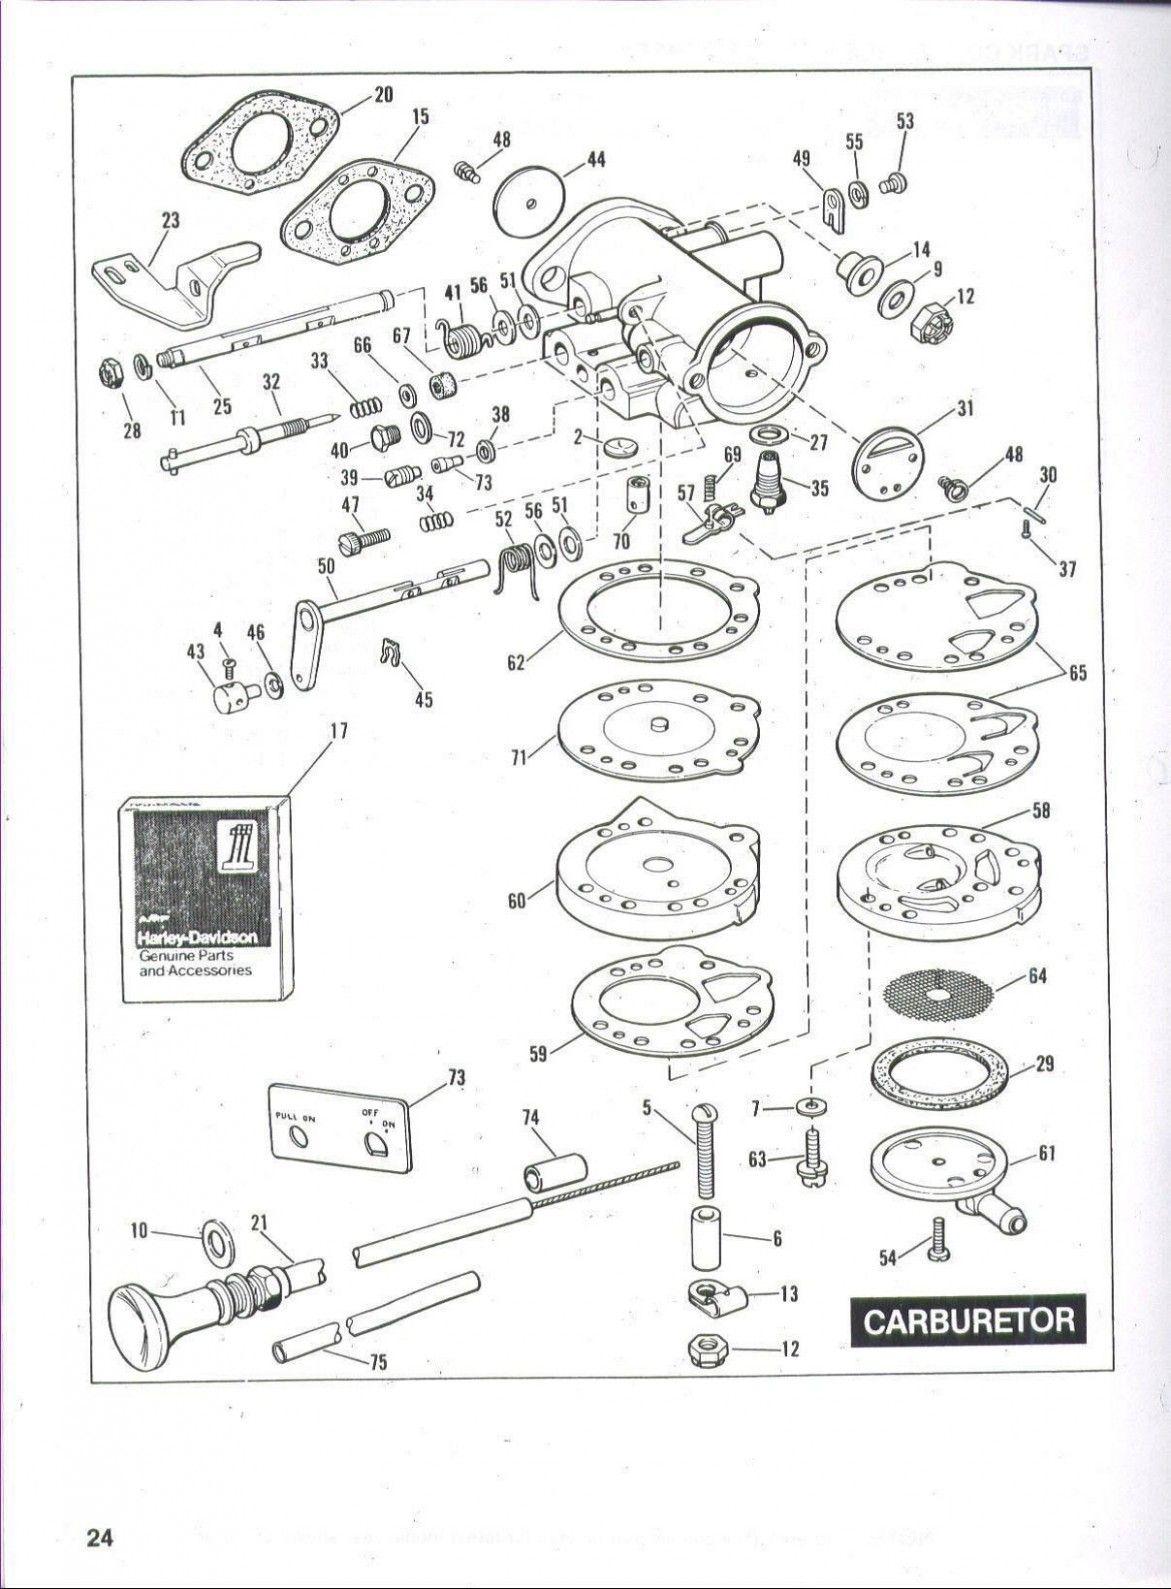 Harley Davidson Gas Golf Cart Wiring Diagram